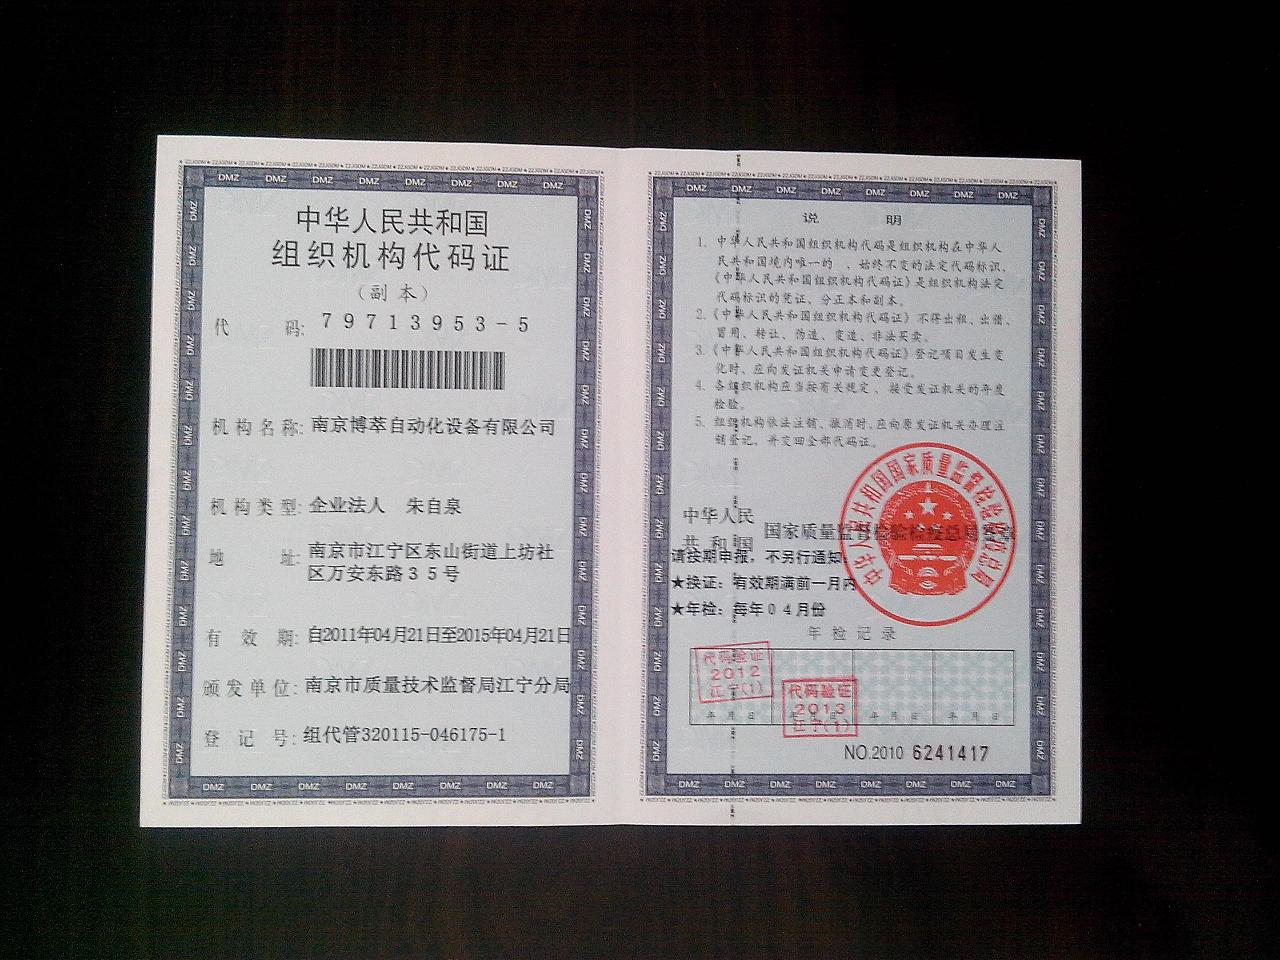 織機構代碼證